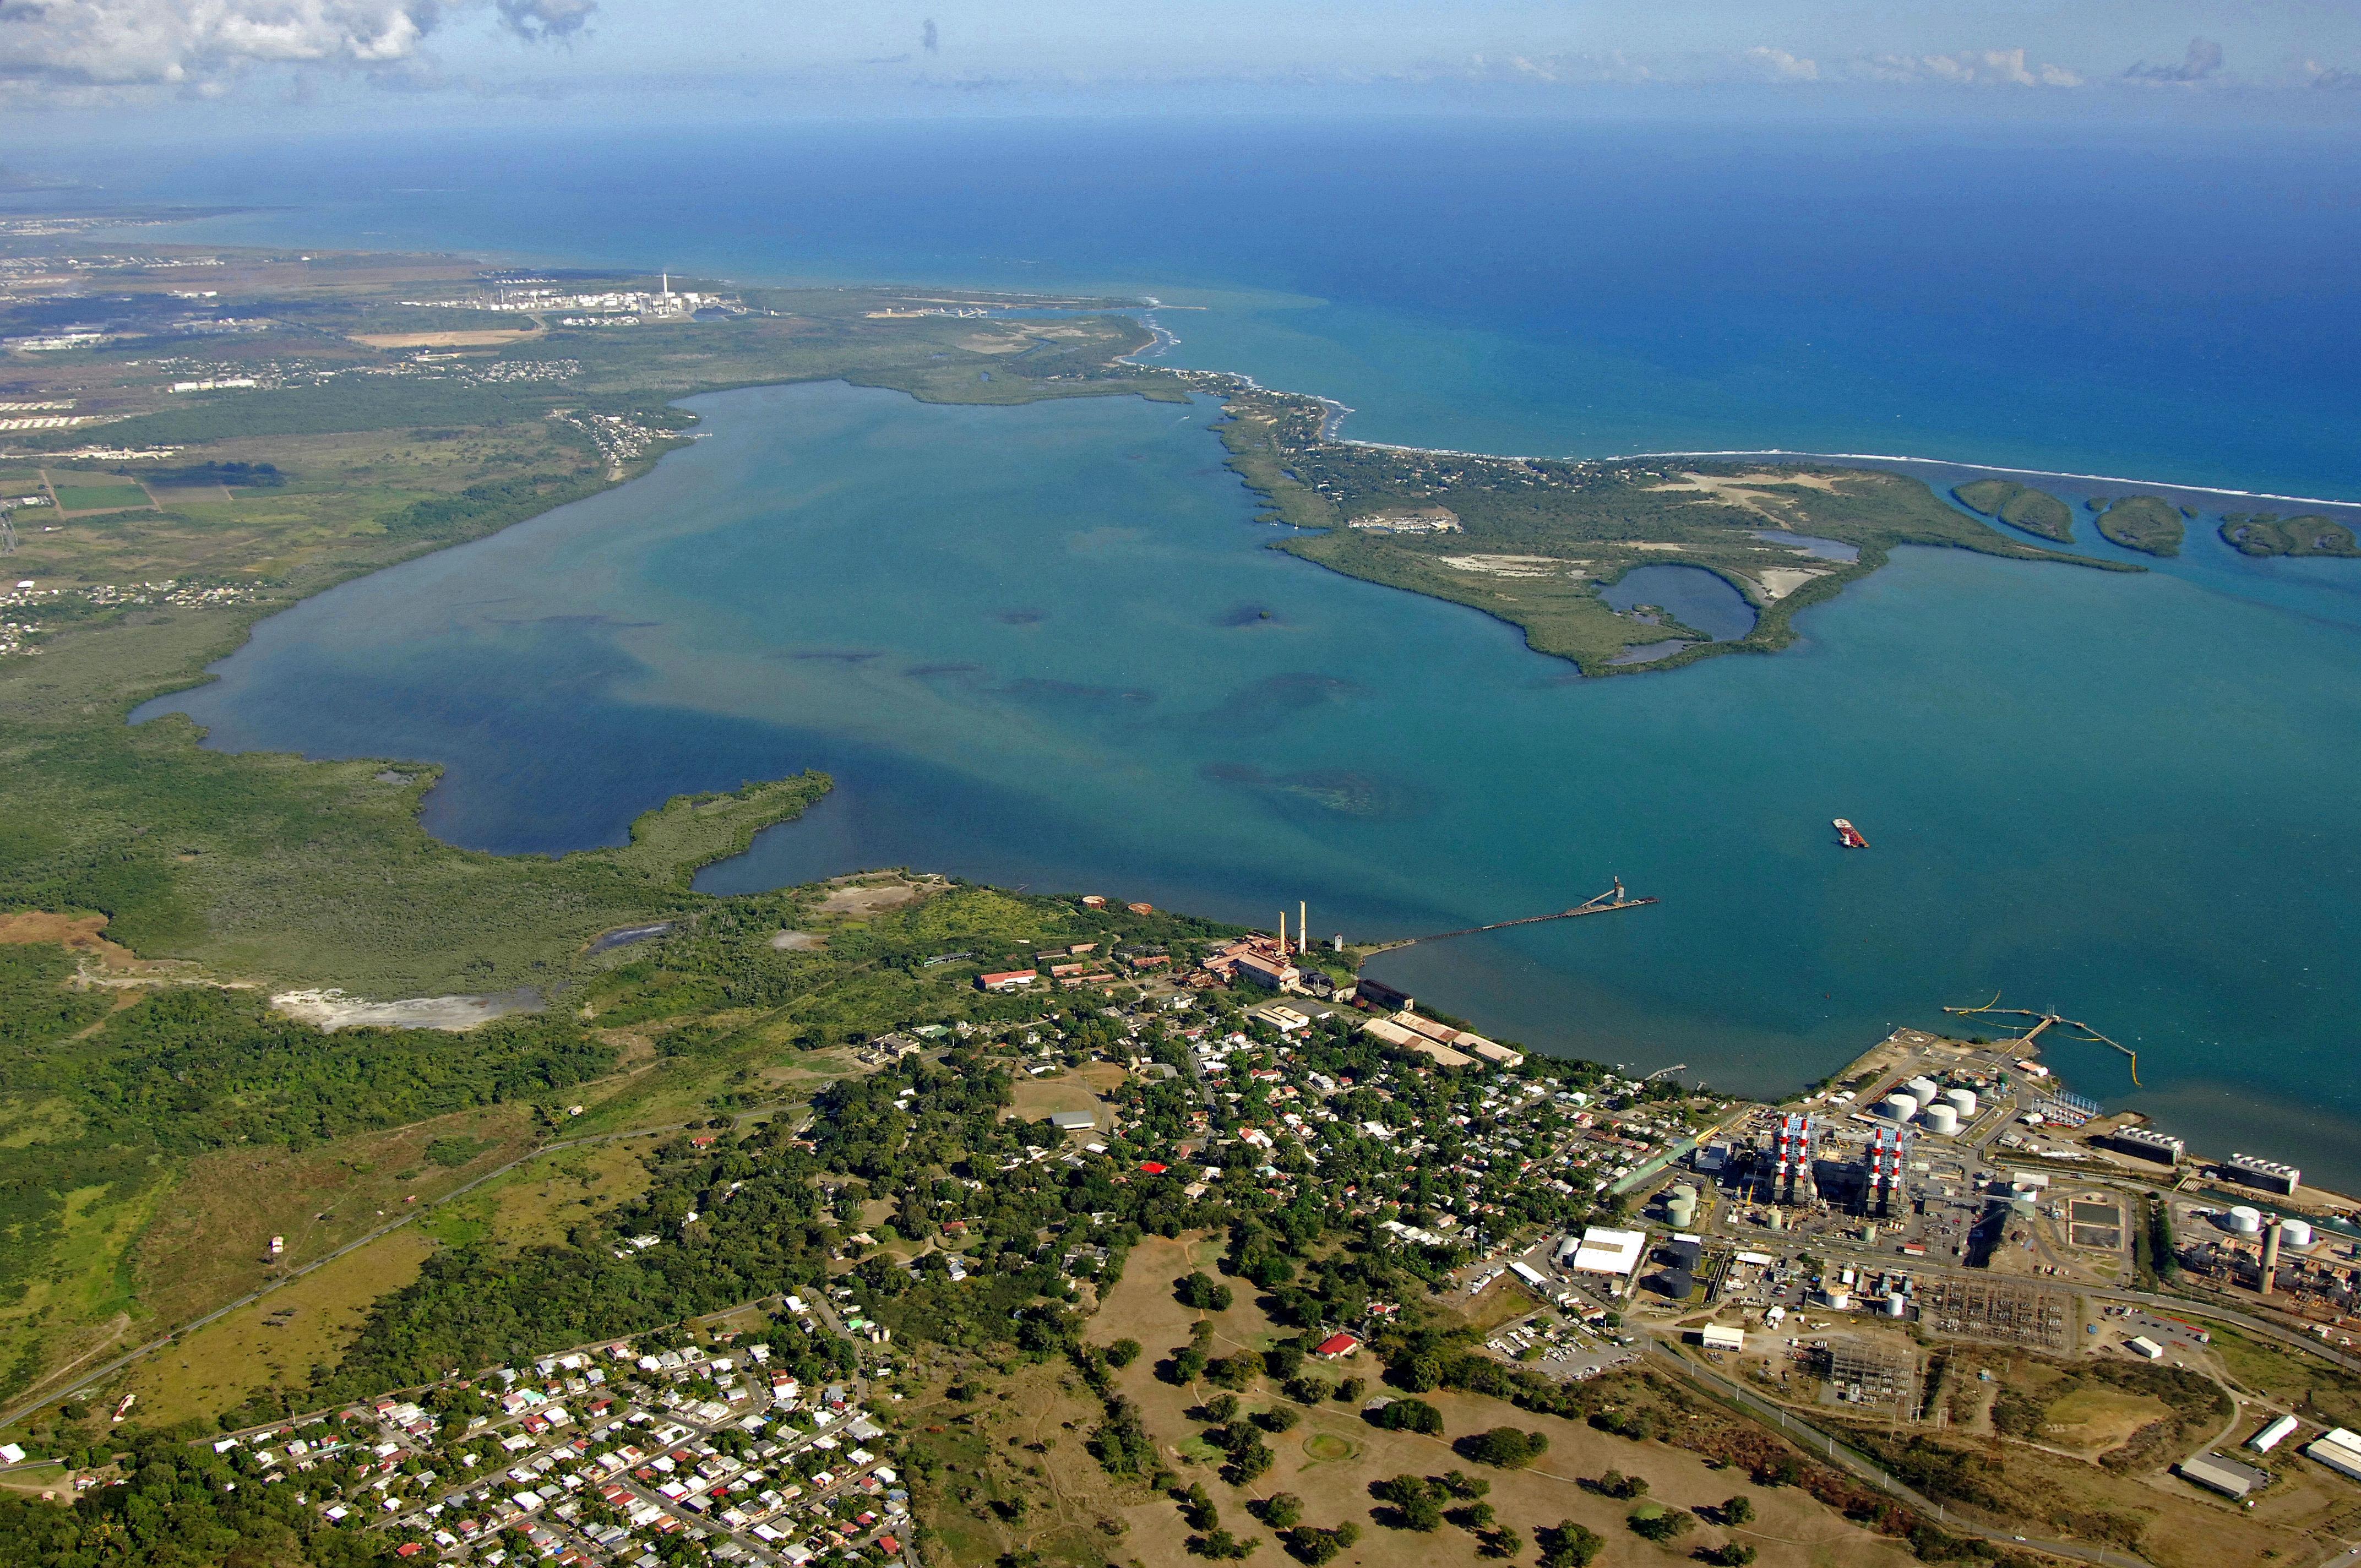 Jobos Bay In Port Jobos Salinas And Guayama Puerto Rico Harbor